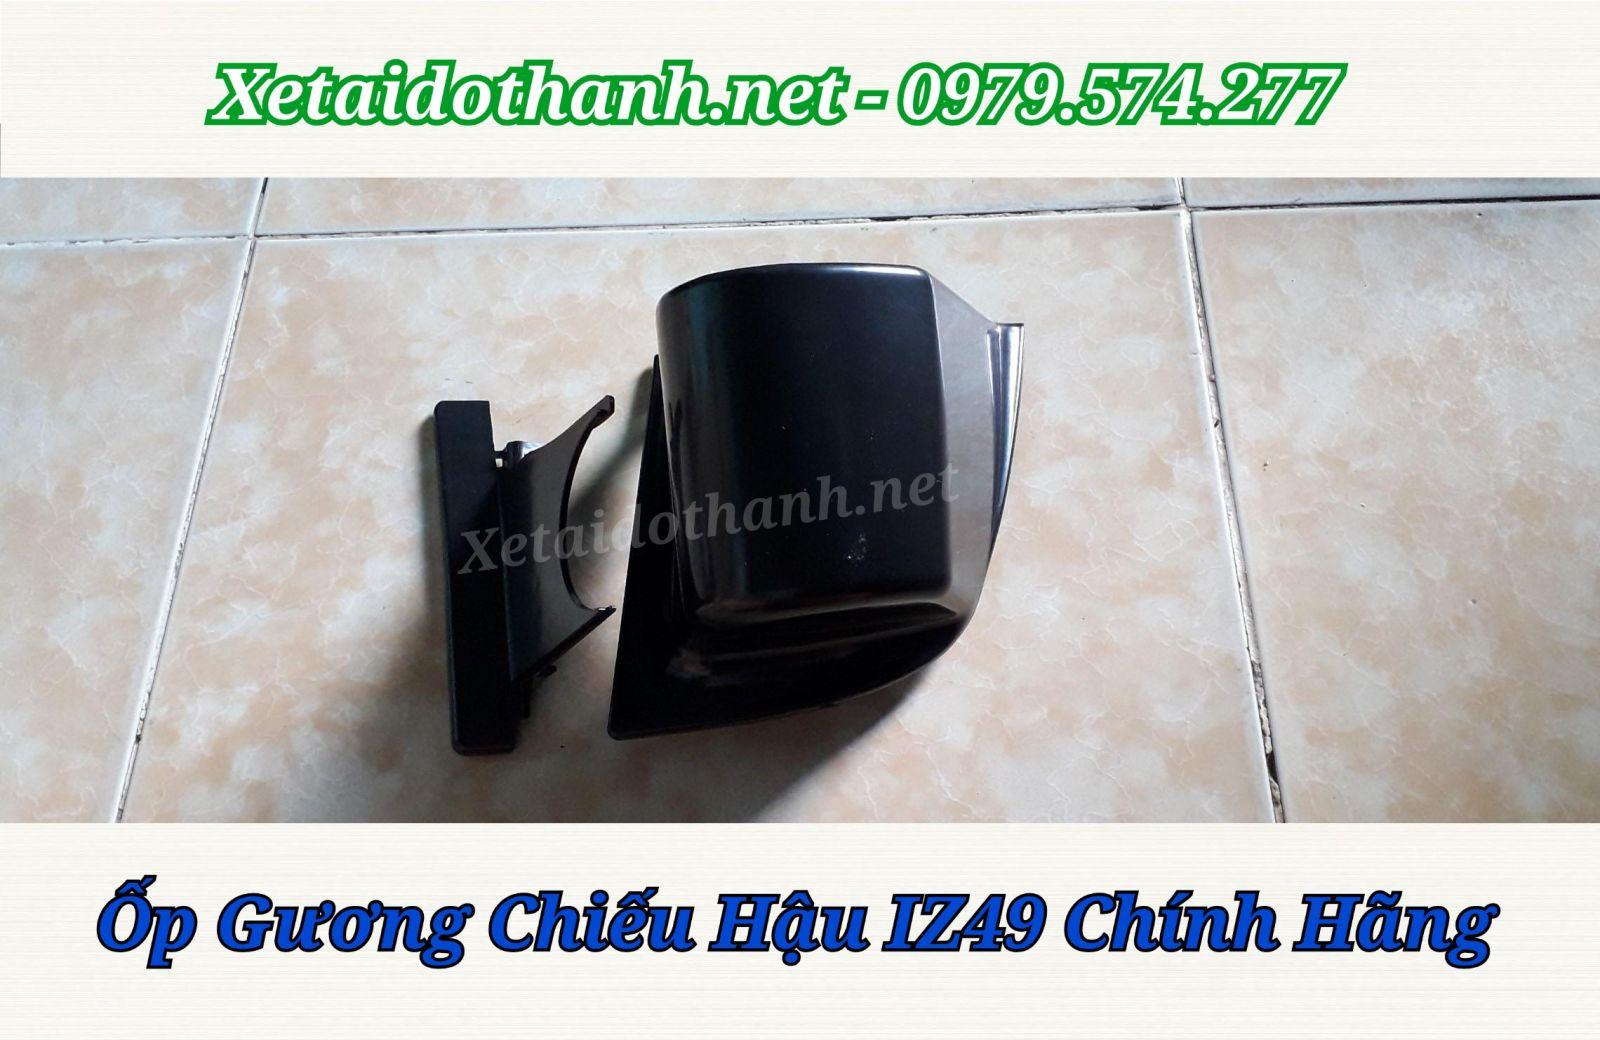 Ốp gương chiếu hậu xe tải IZ49 - Phụ tùng chất lượng